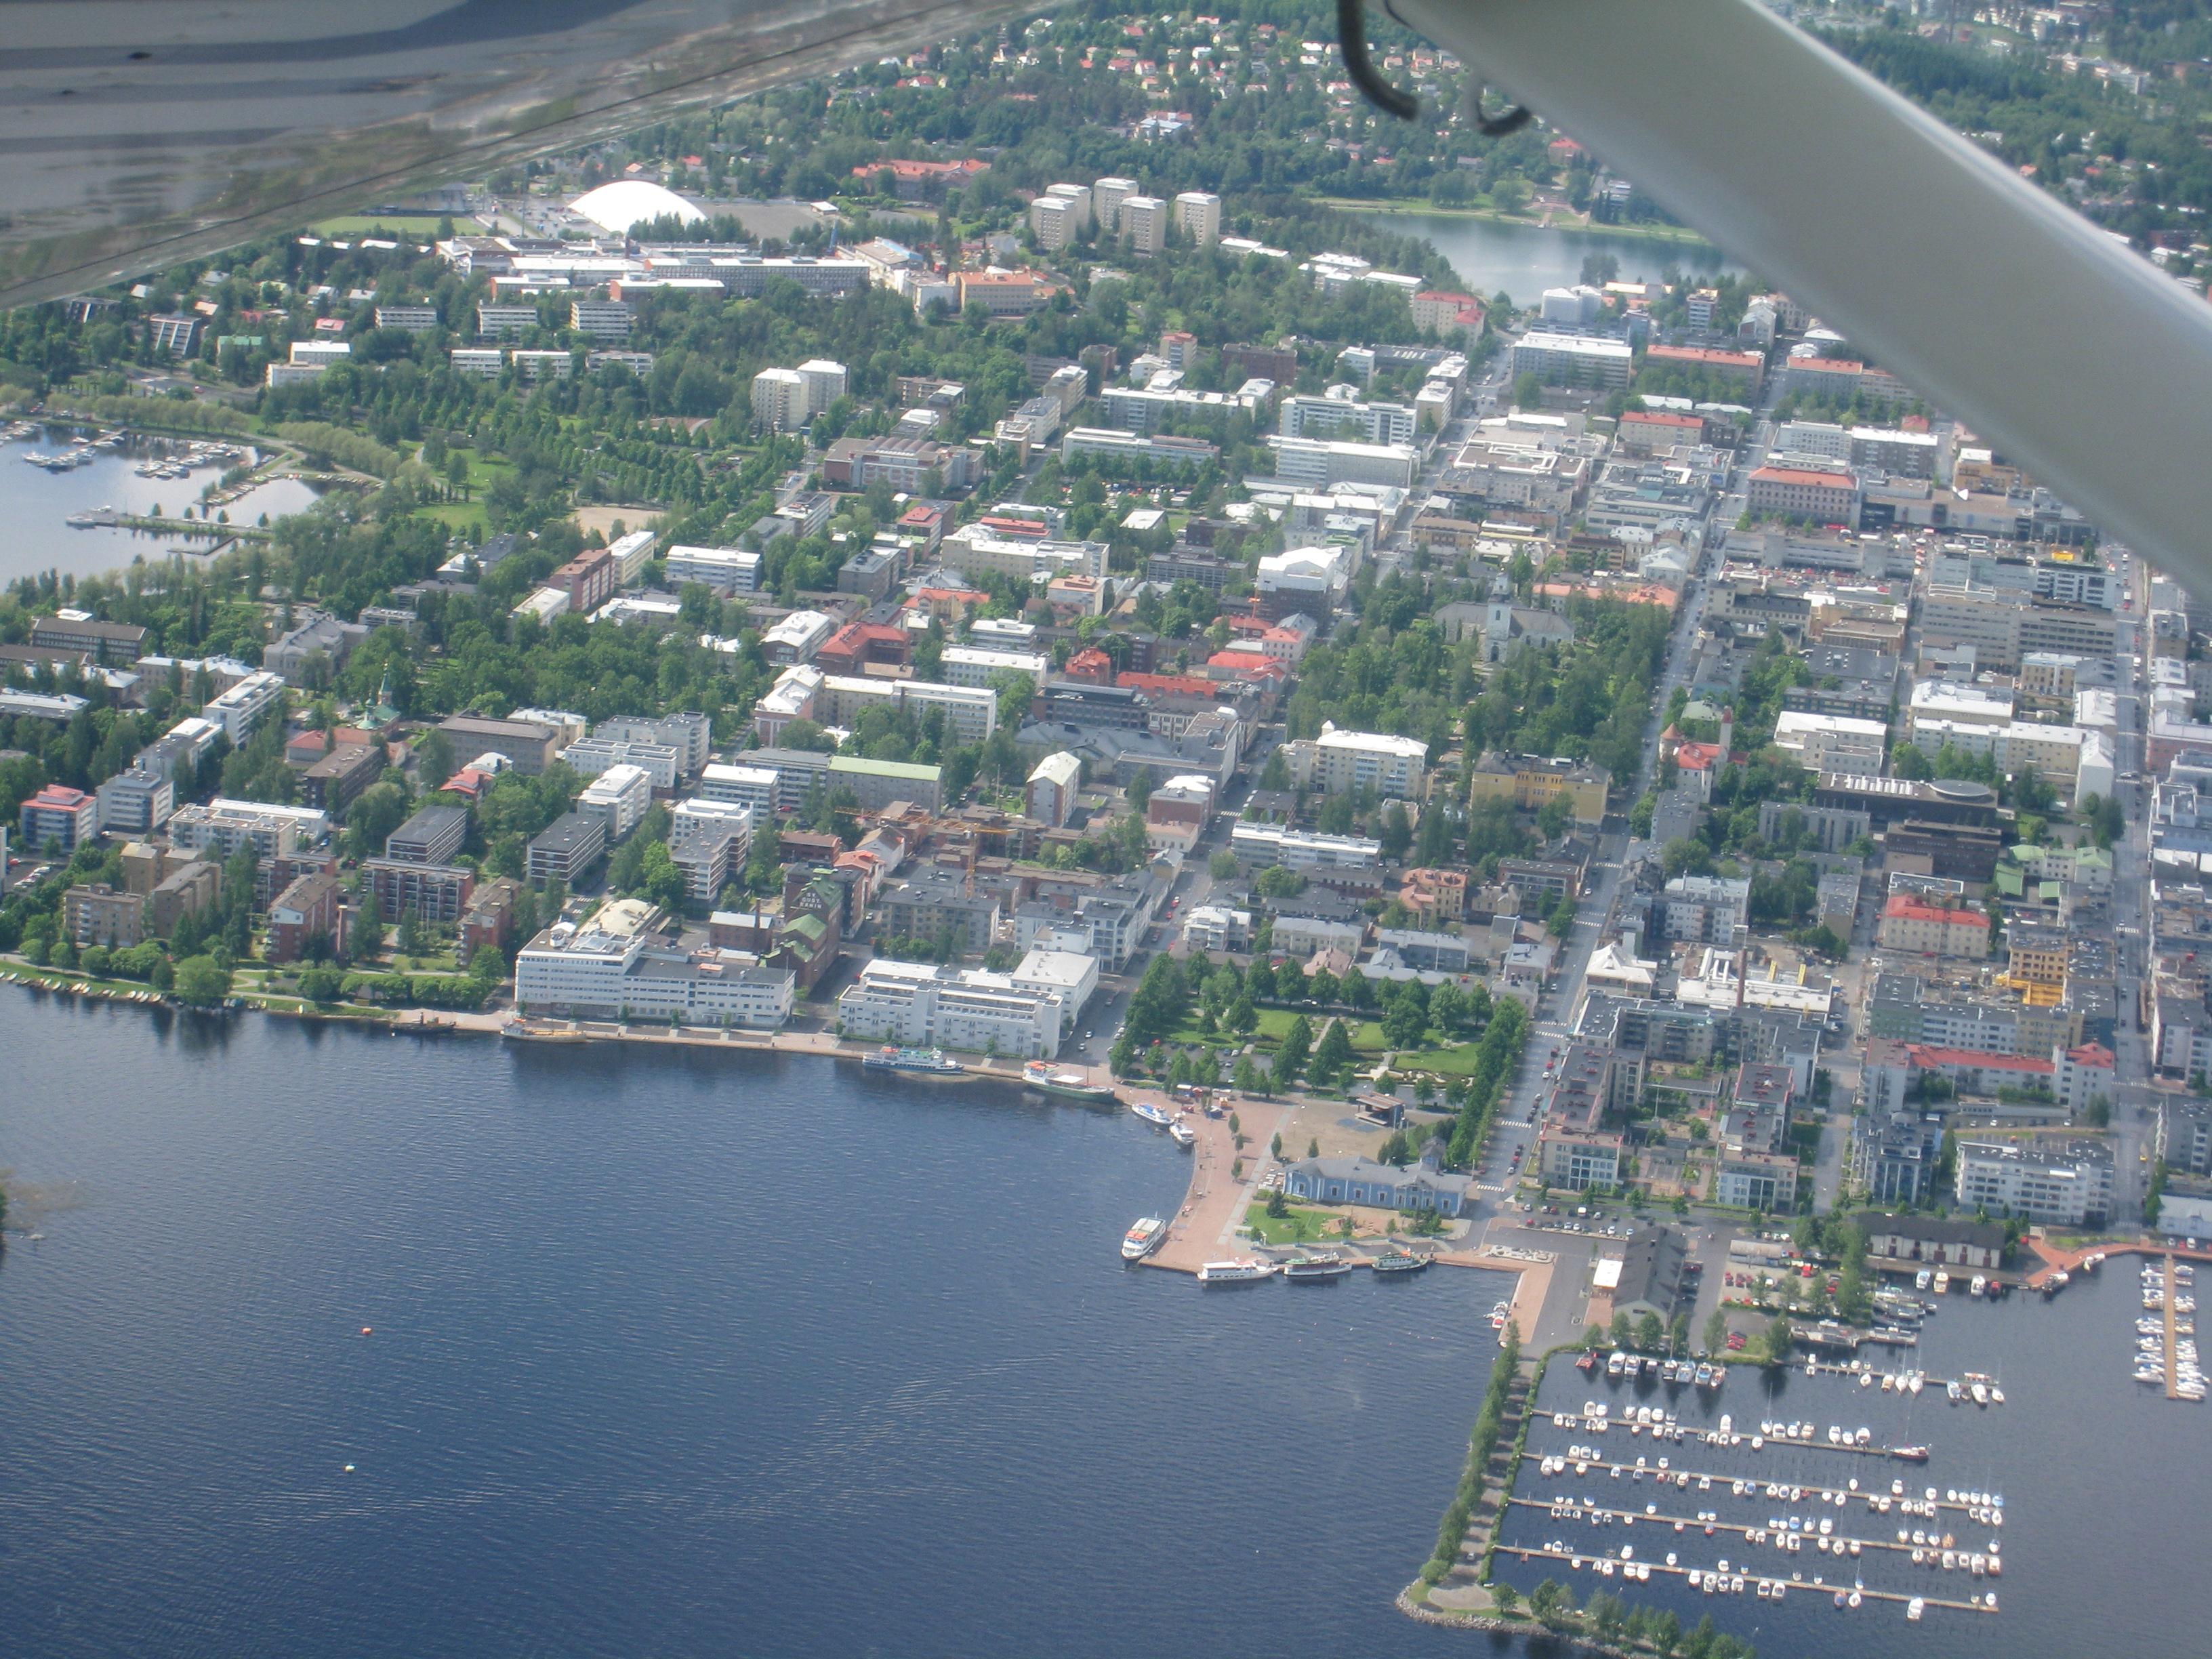 File:Kuopio harbor.jpg - Wikimedia Commons